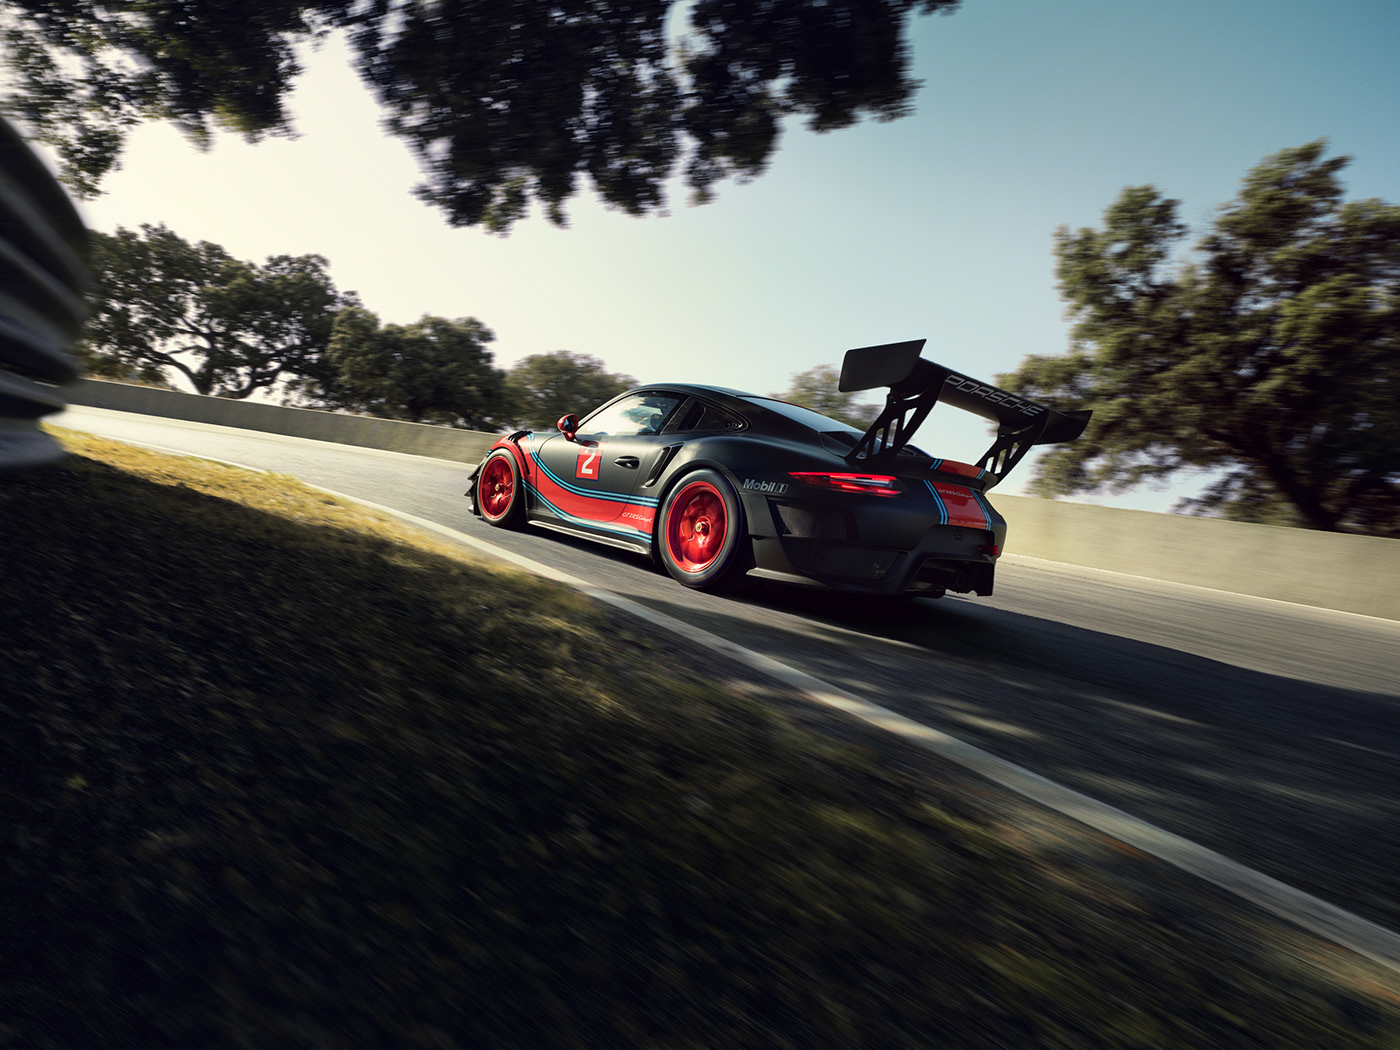 Porsche ClubSport Porsche 911 transportation automotive   retouching  postproduction racetrack GT2 RS